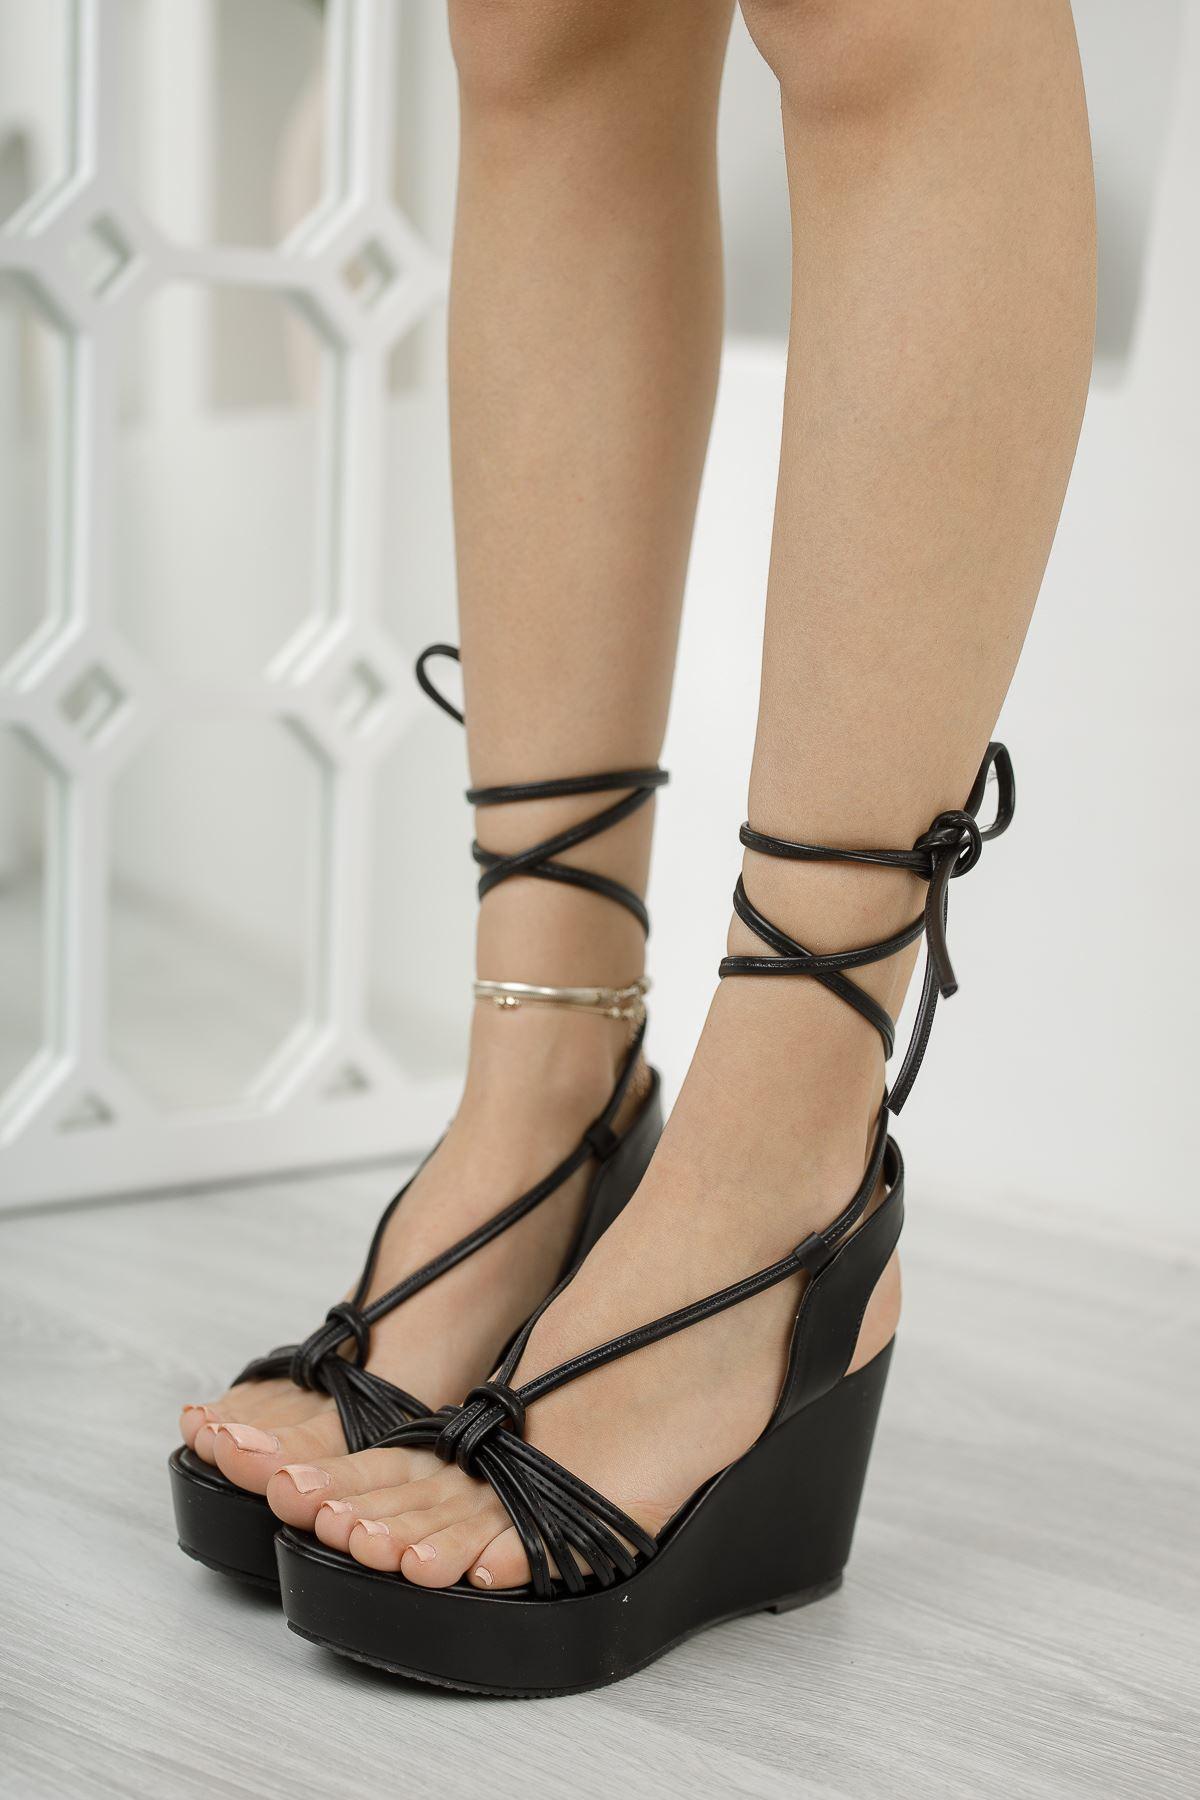 Kadın Abenas Biyeli Mat Deri Siyah Dolgu Topuklu Ayakkabı